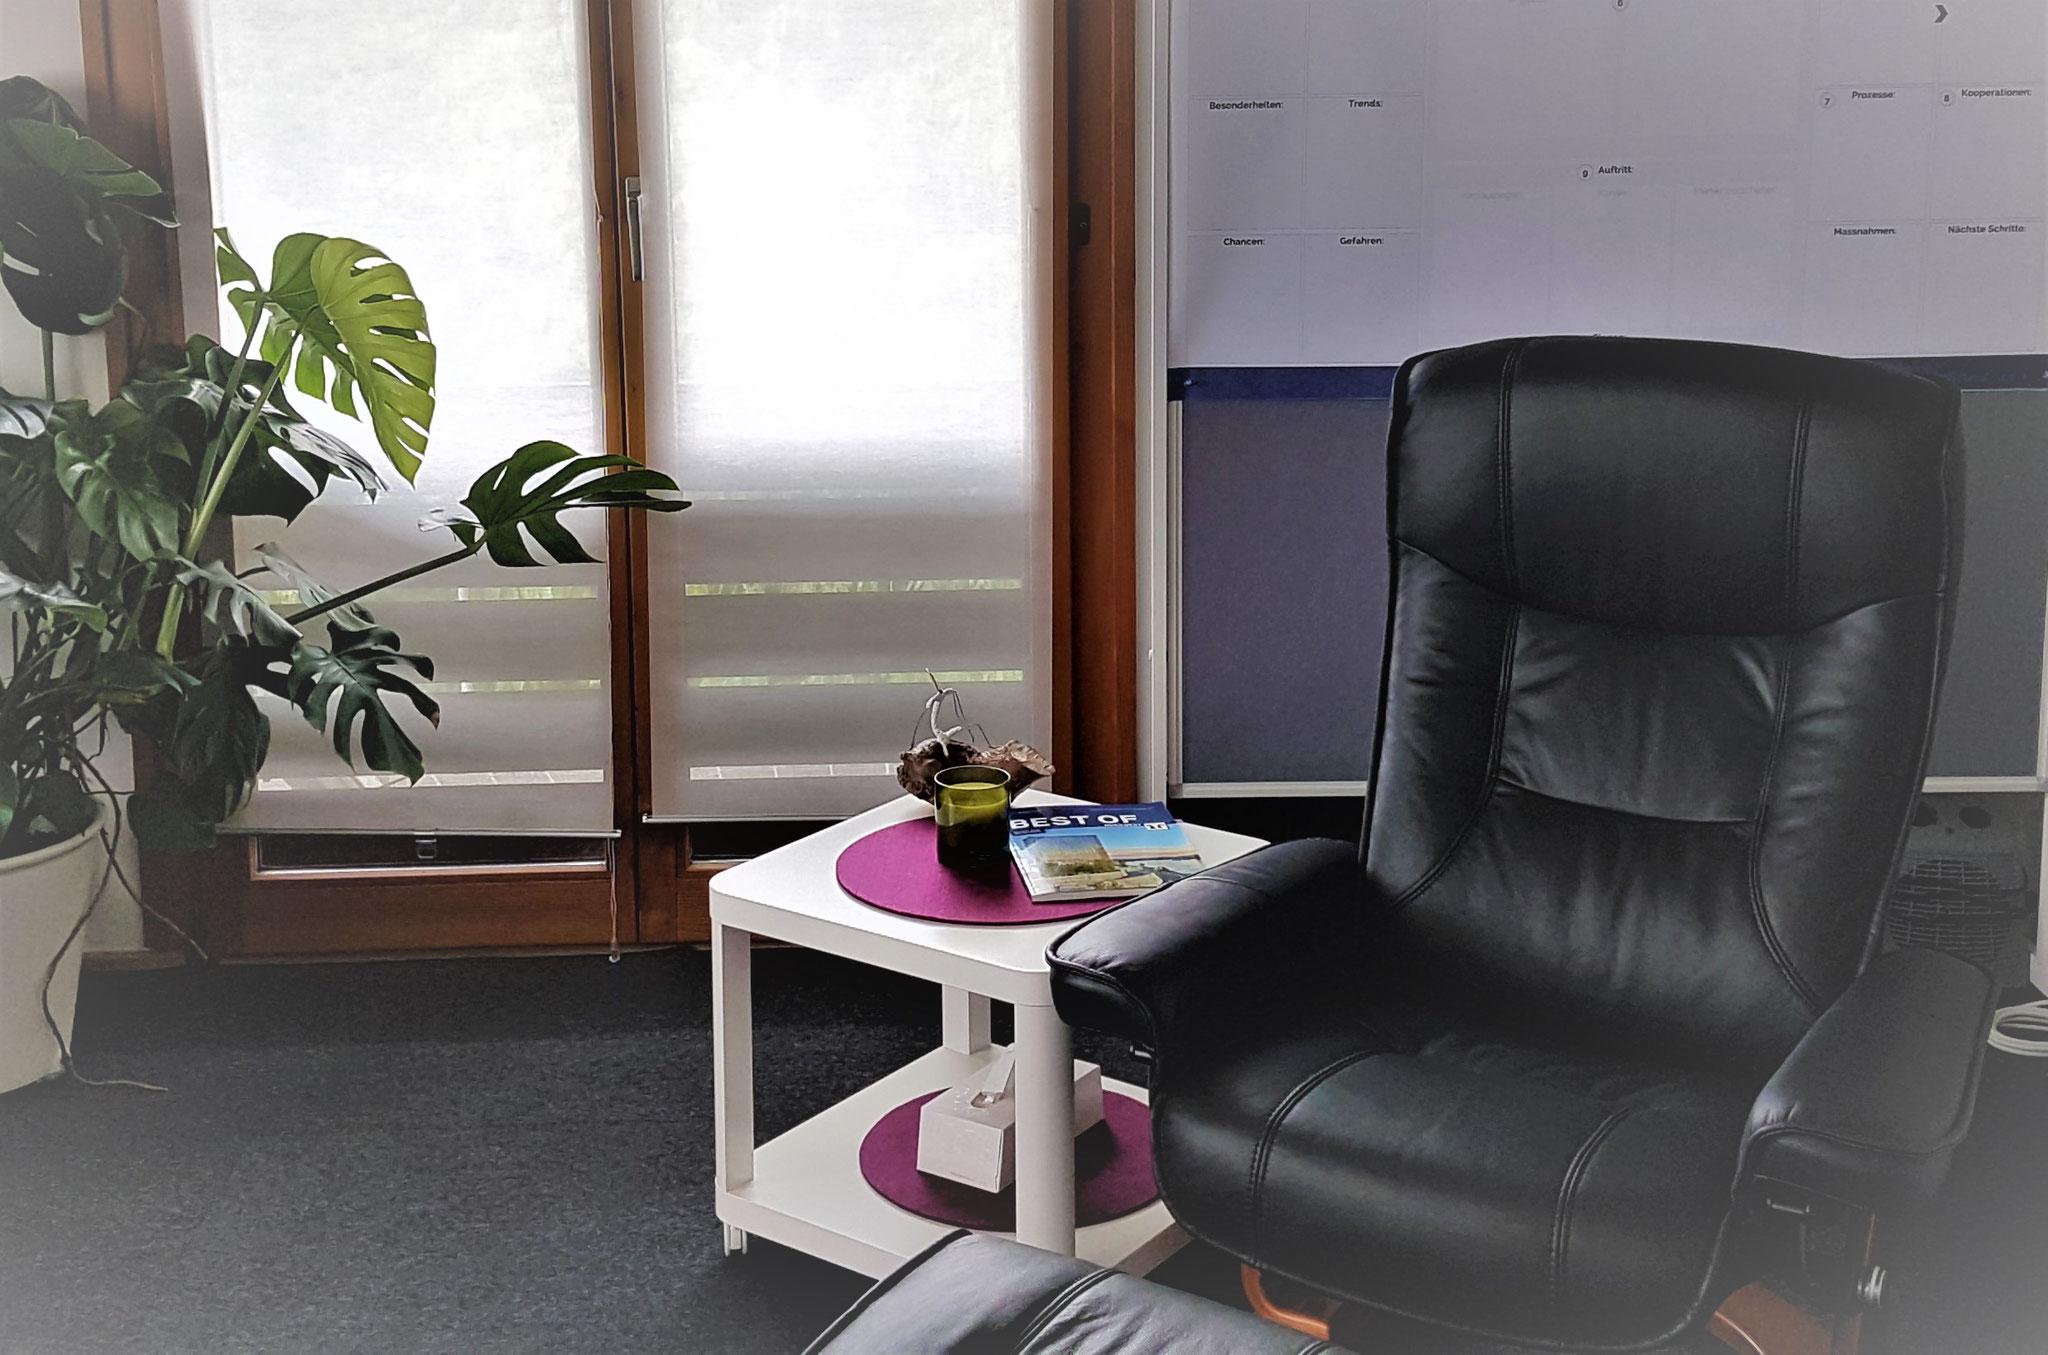 oder geh auf Entspannungsreise auf dem bequemen Sessel.